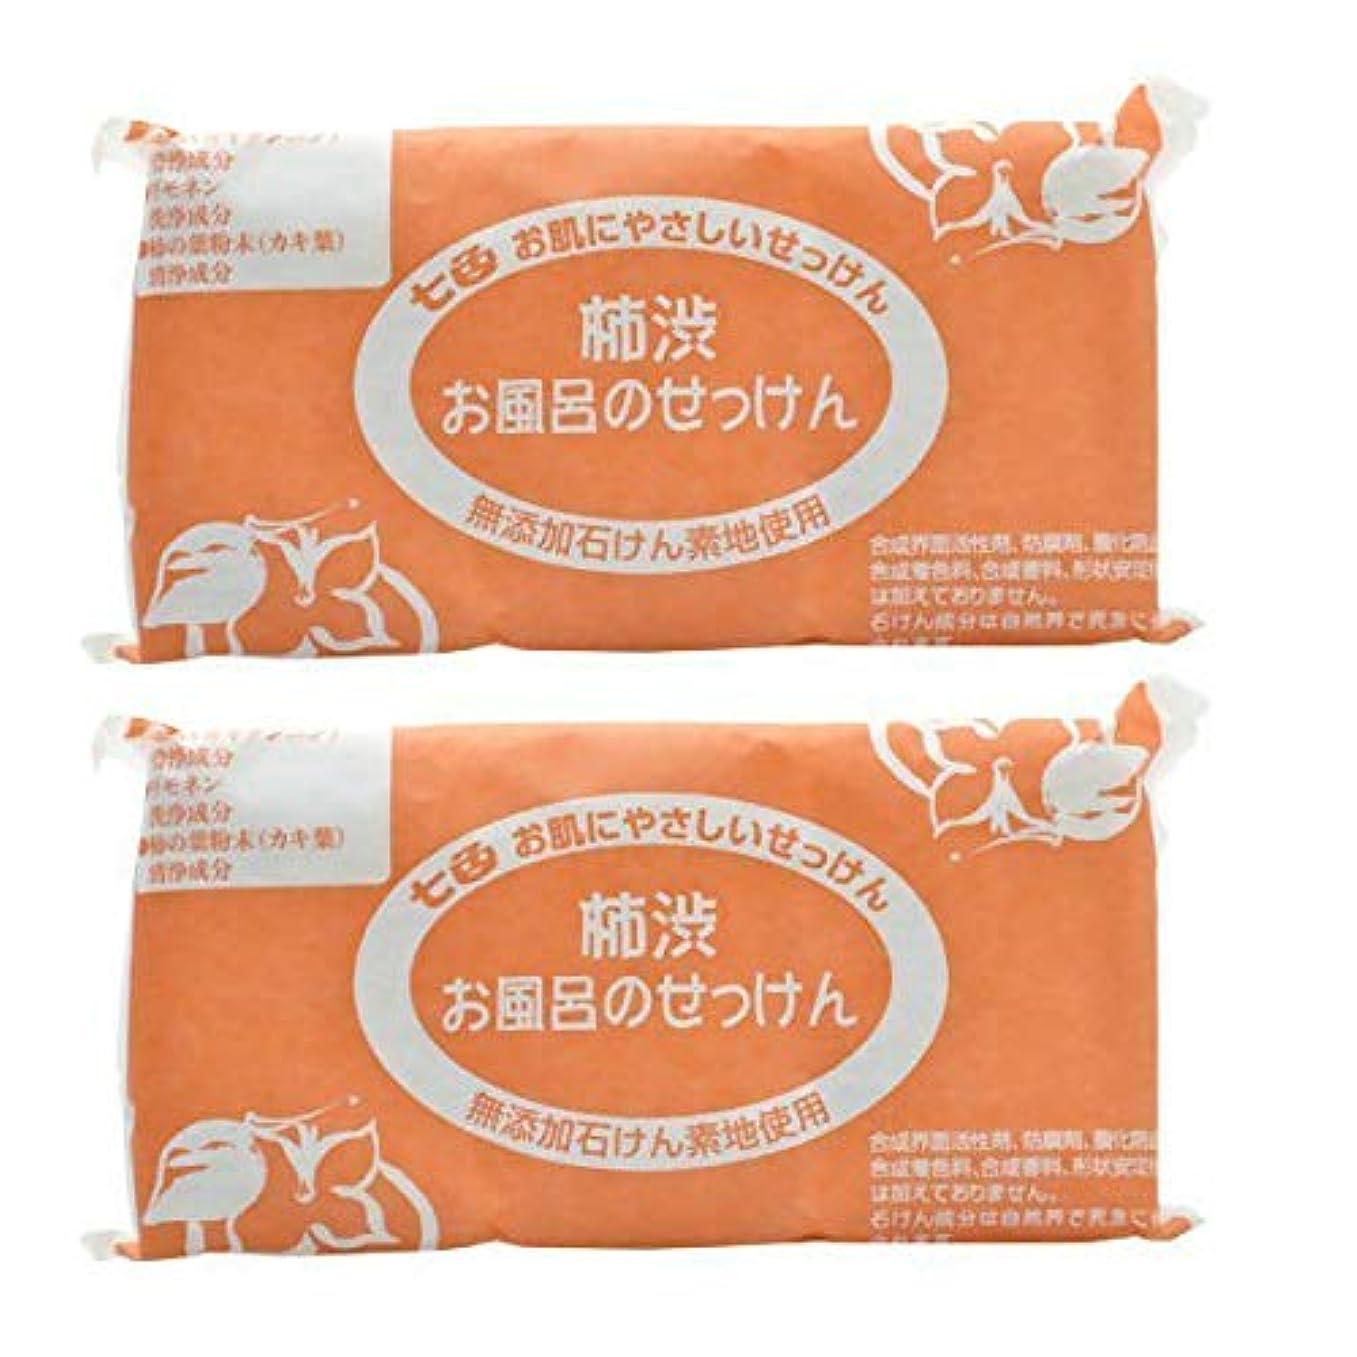 ぜいたく同級生キュービック七色 お風呂のせっけん 柿渋(無添加石鹸) 100g×3個入×2セット